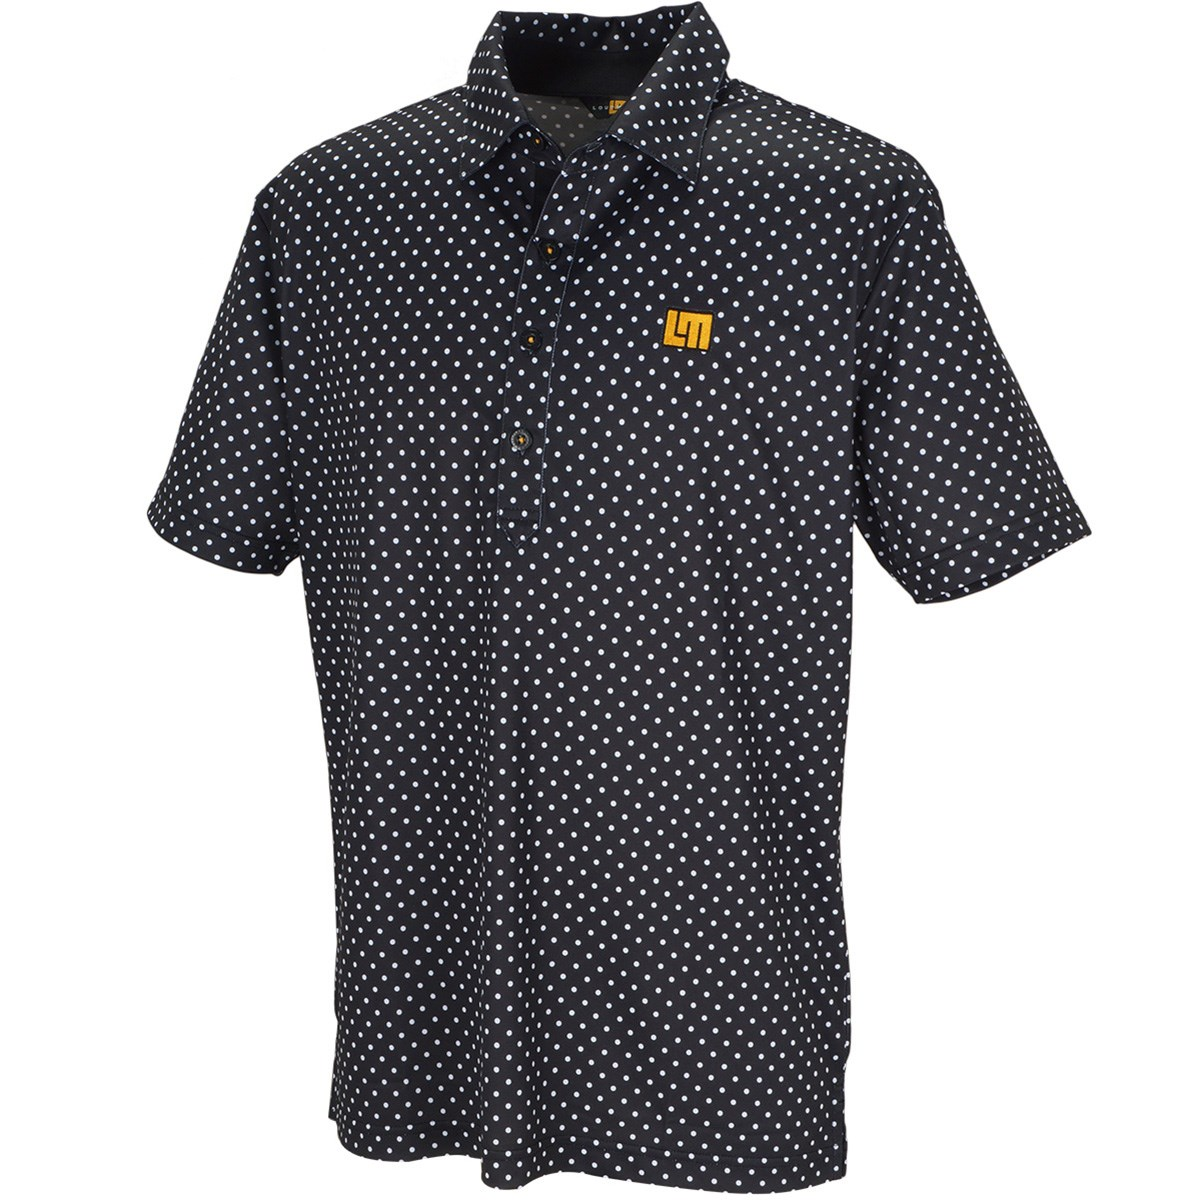 ラウドマウスゴルフ(LOUDMLOUTH) 半袖ポロシャツ